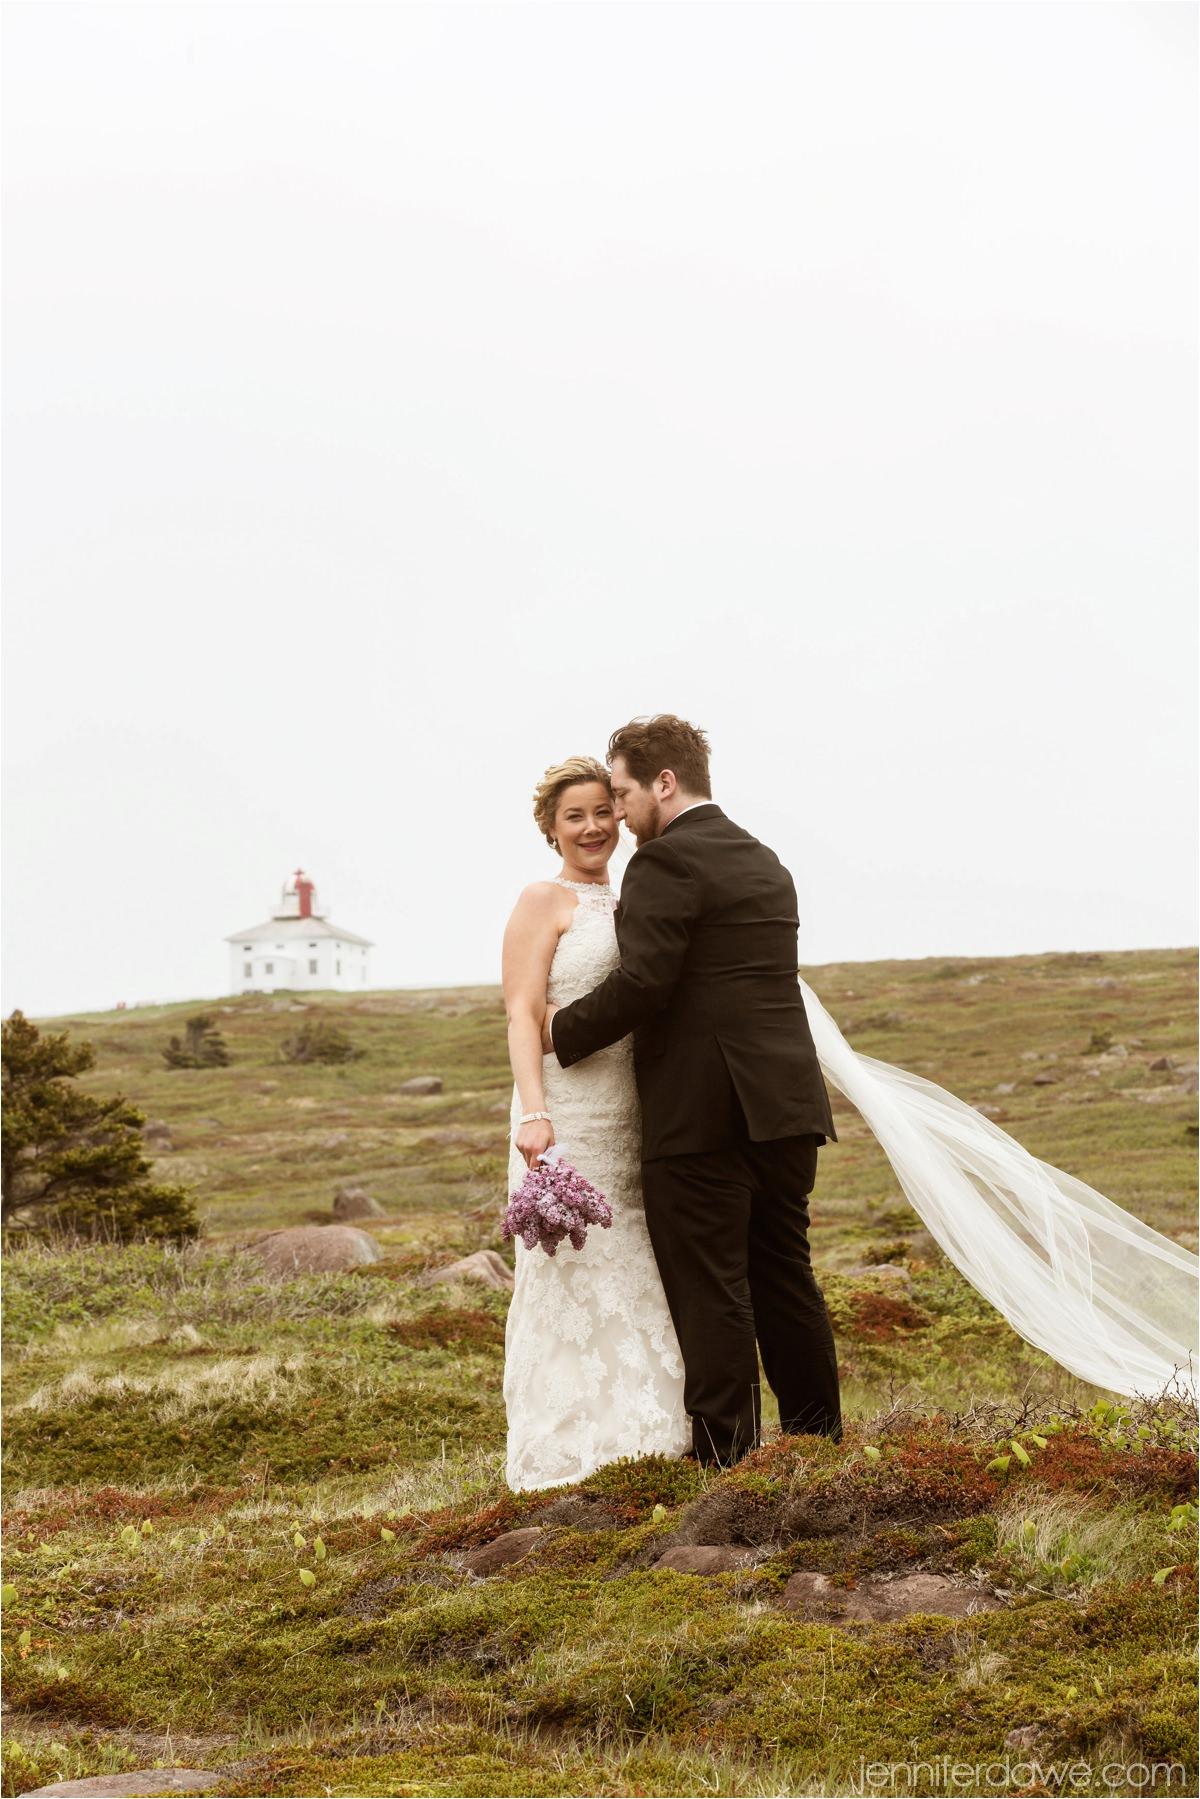 St John's Newfoundland Wedding Photographers Woodstock Wedding Best Newfoundland Wedding Photographer Jennifer Dawe Photography31